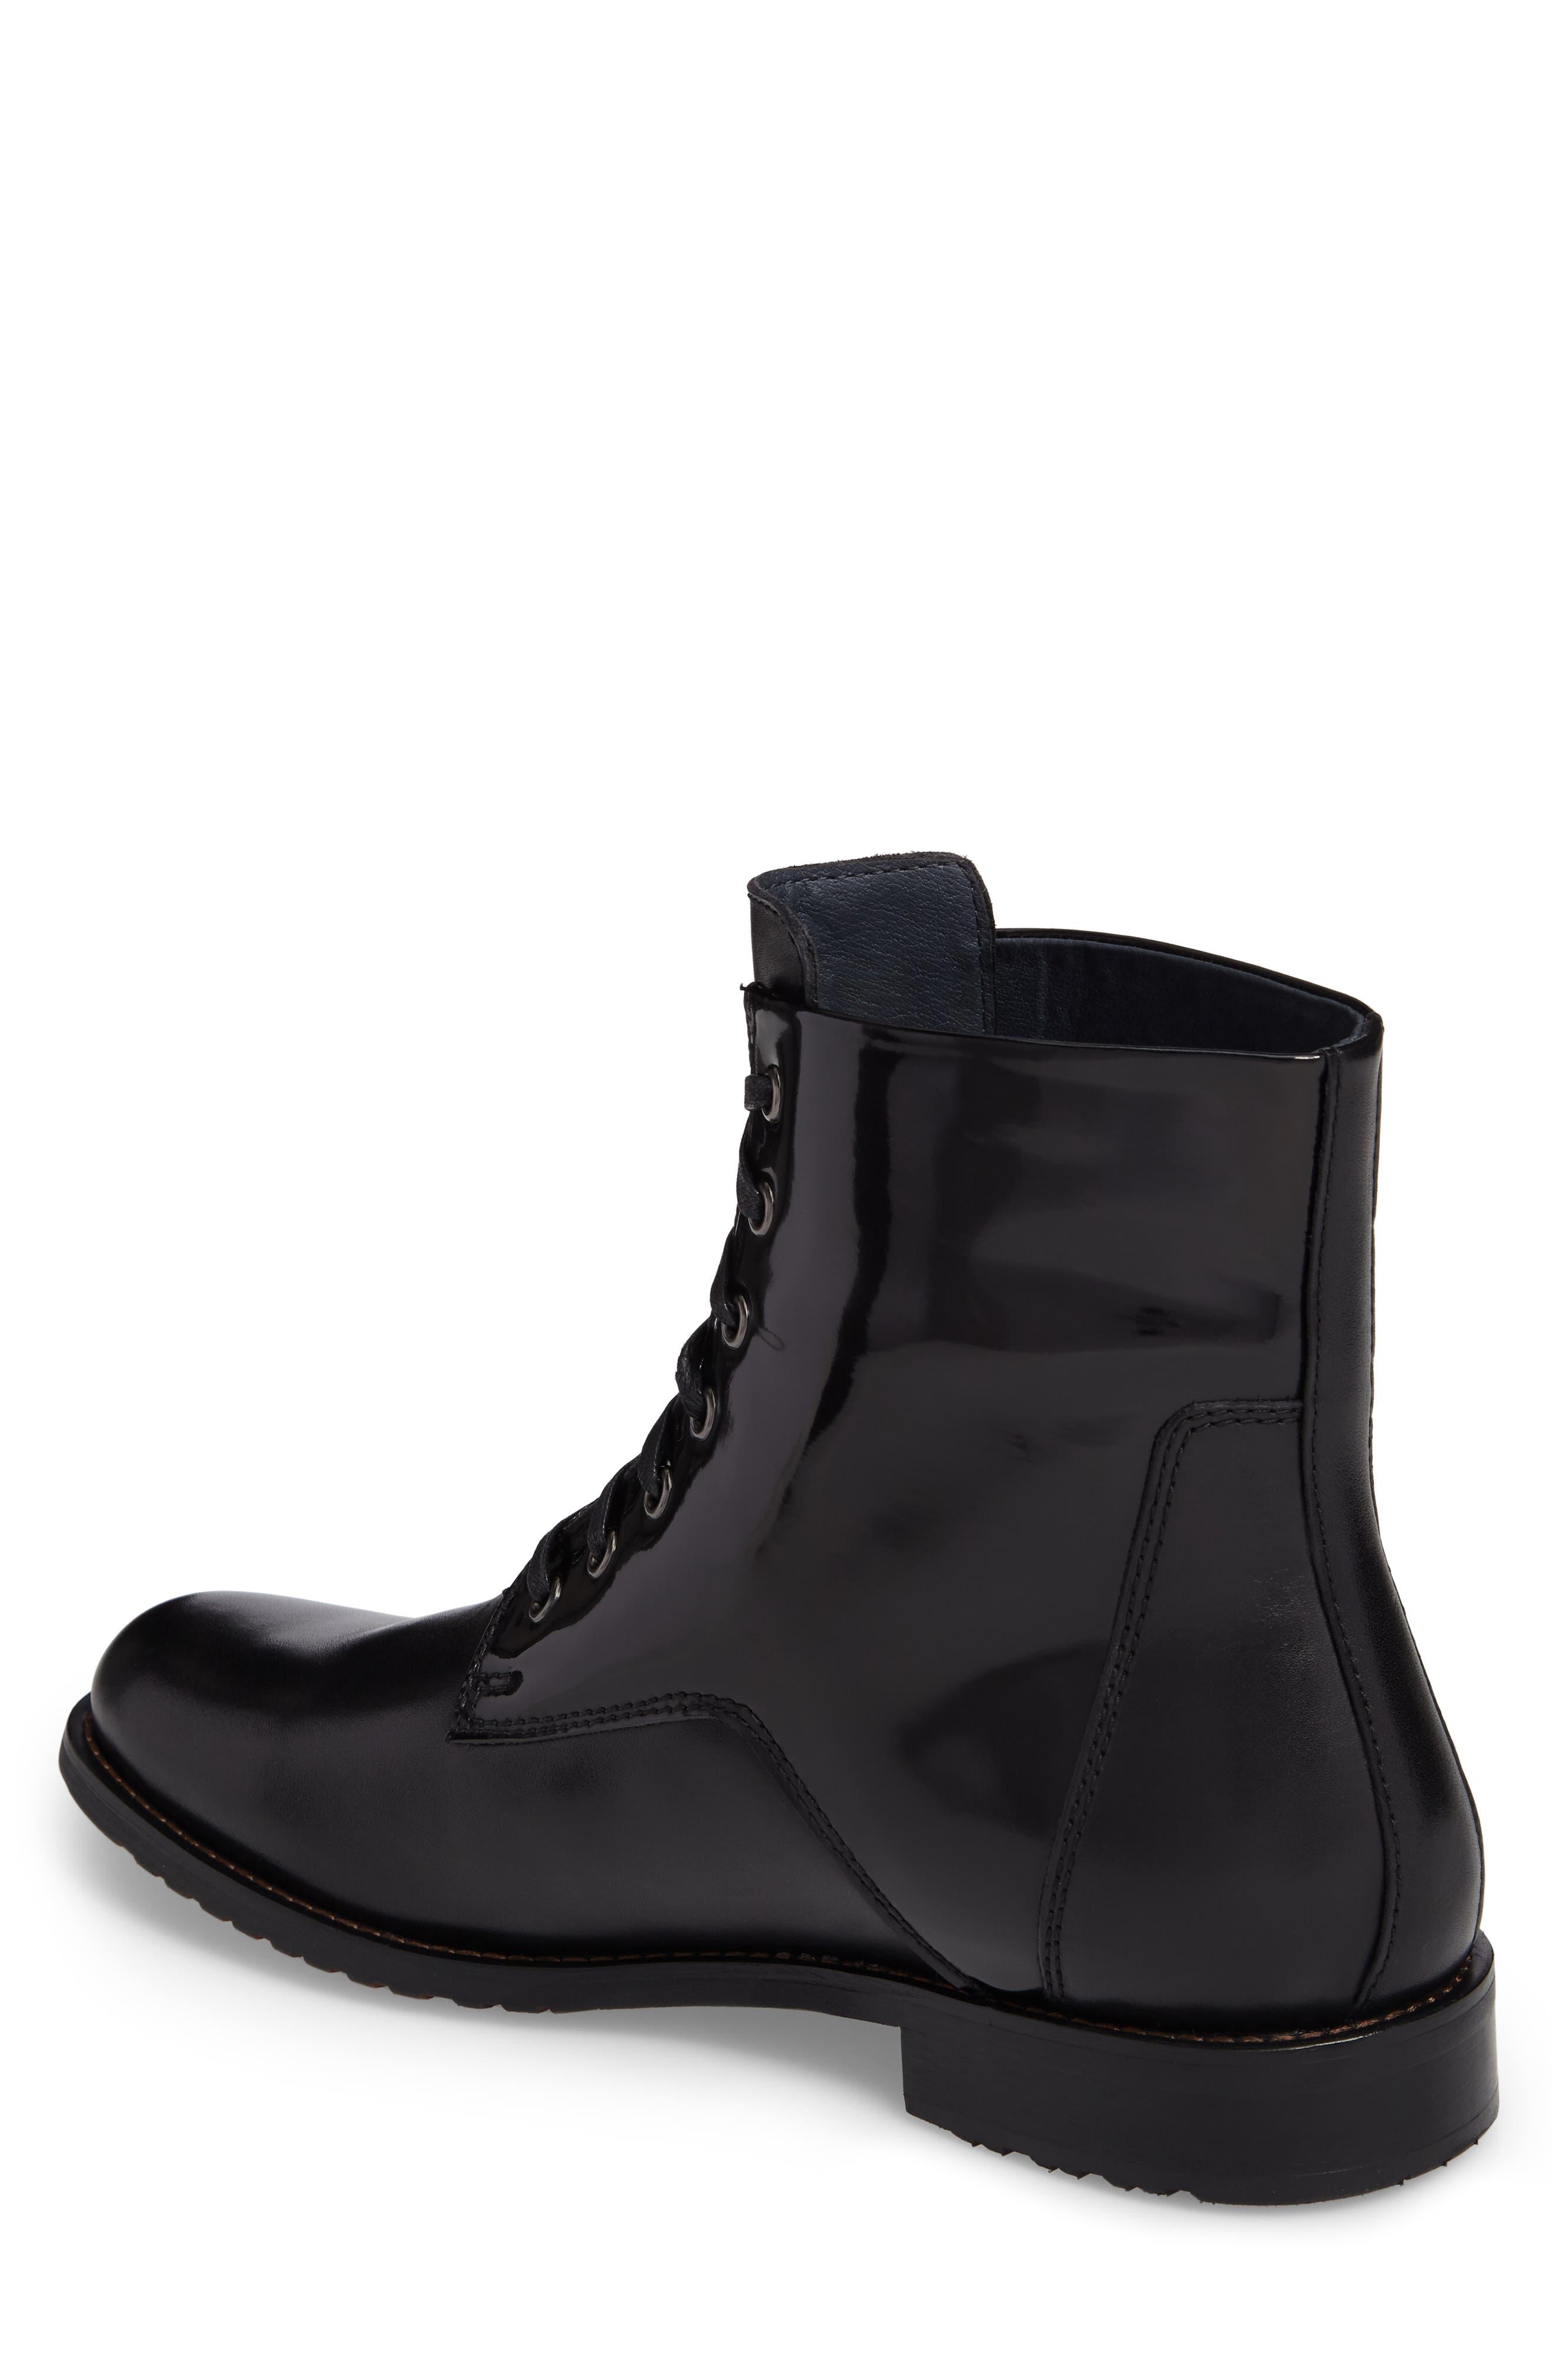 Athol Plain Toe Boot,                             Alternate thumbnail 2, color,                             Black Leather